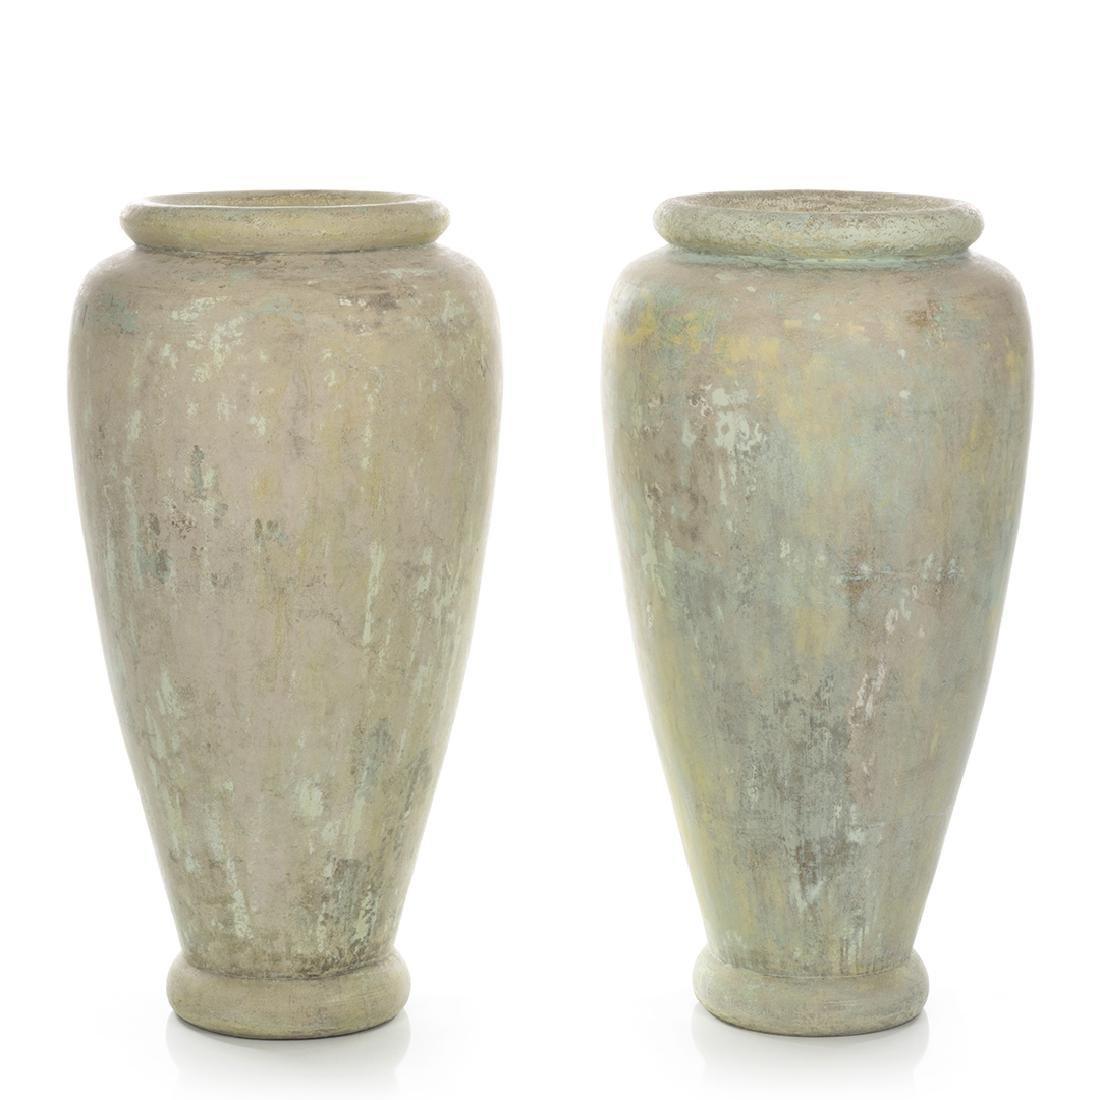 Monumental Oil Jars (2)